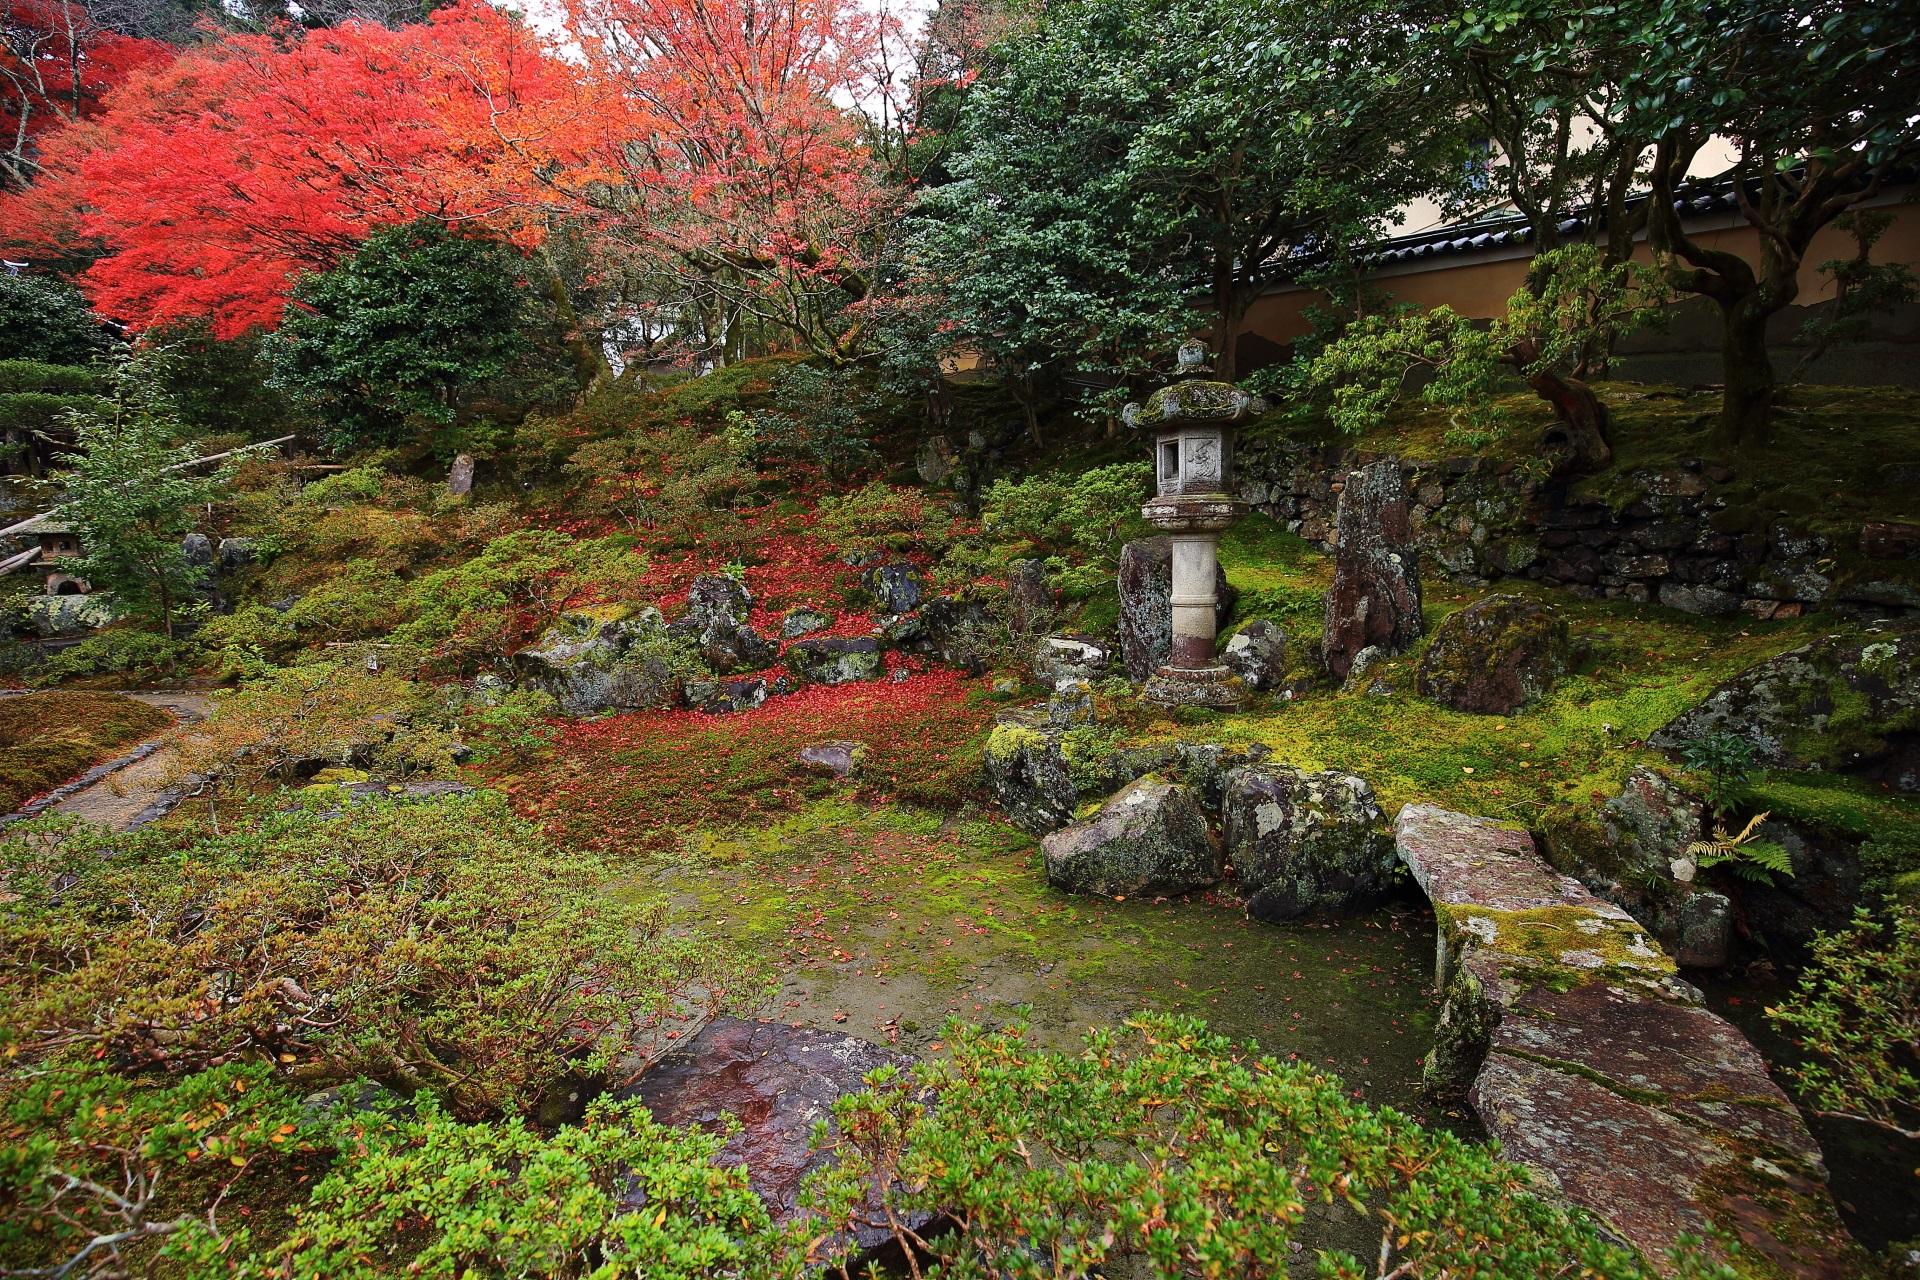 晩秋に染まる霊鑑寺の風情ある枯山水庭園